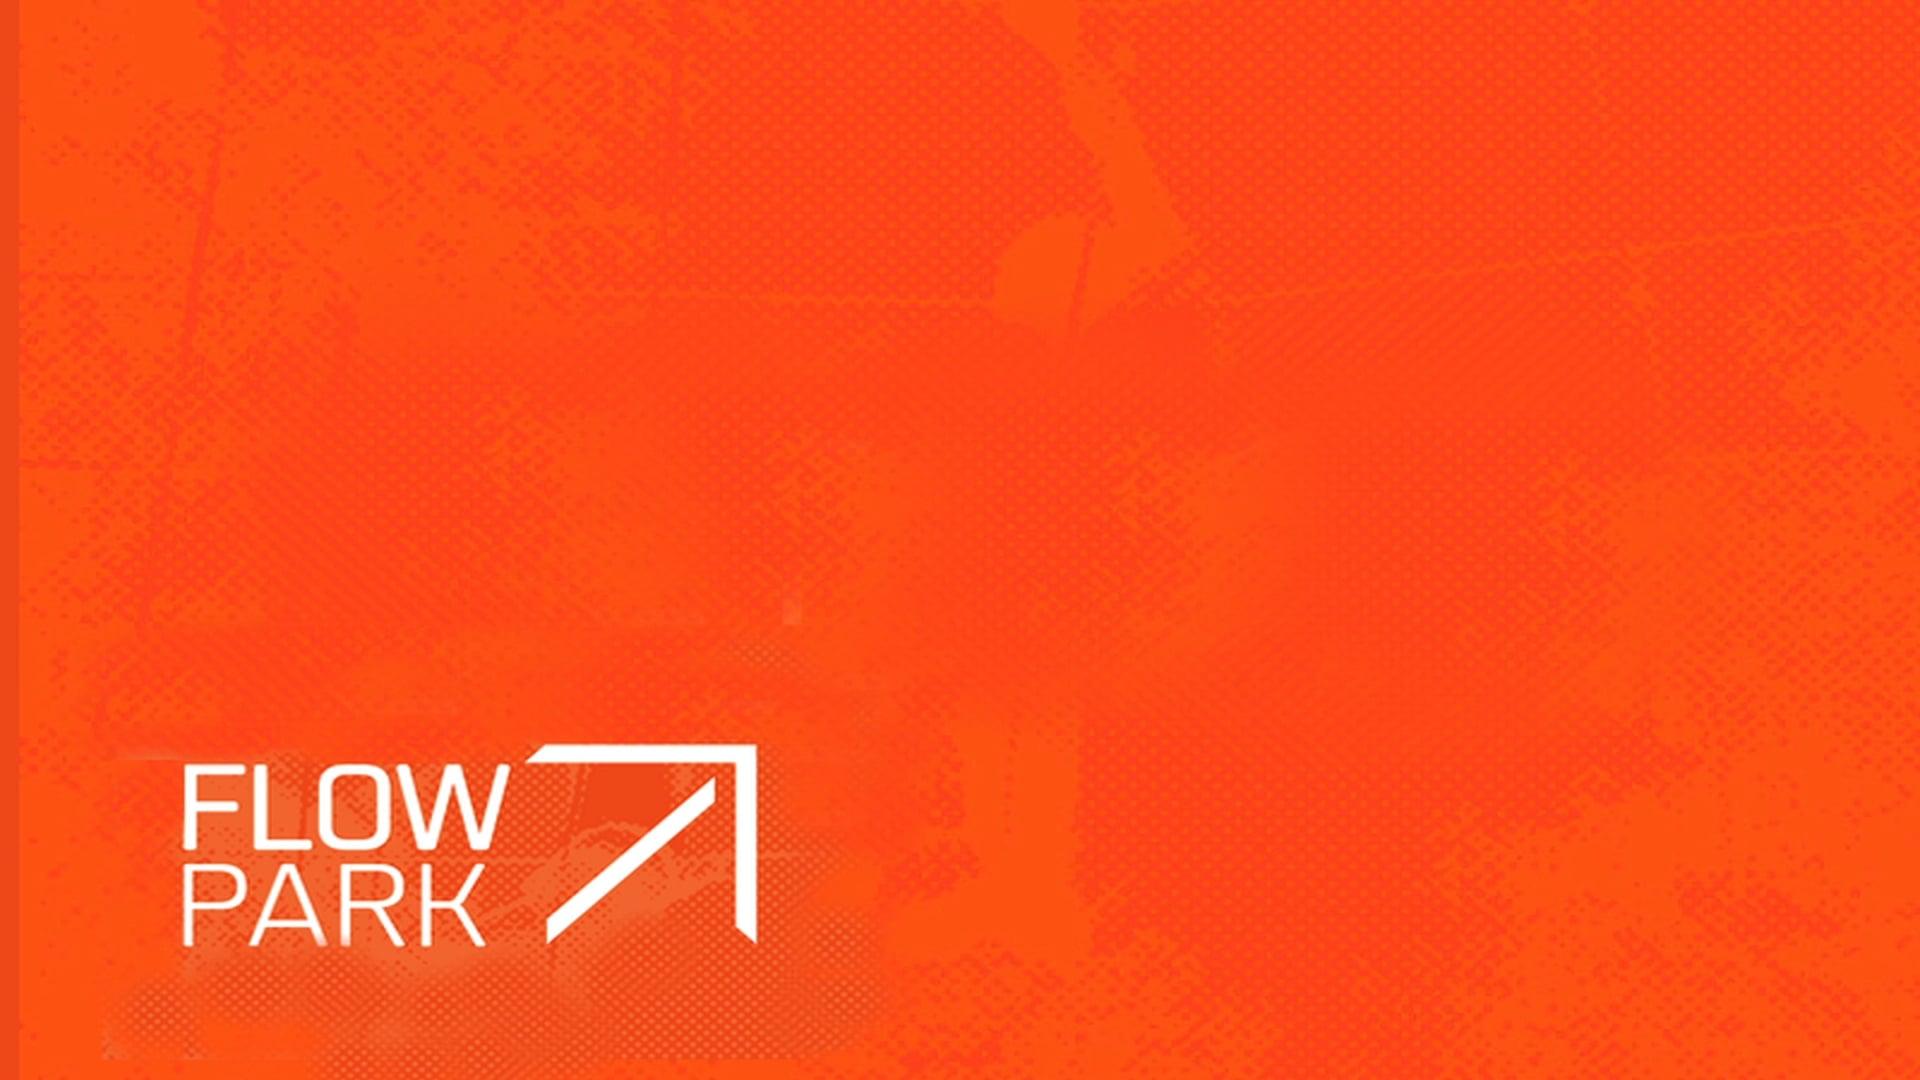 Flowpark - Parempaa tekemistä